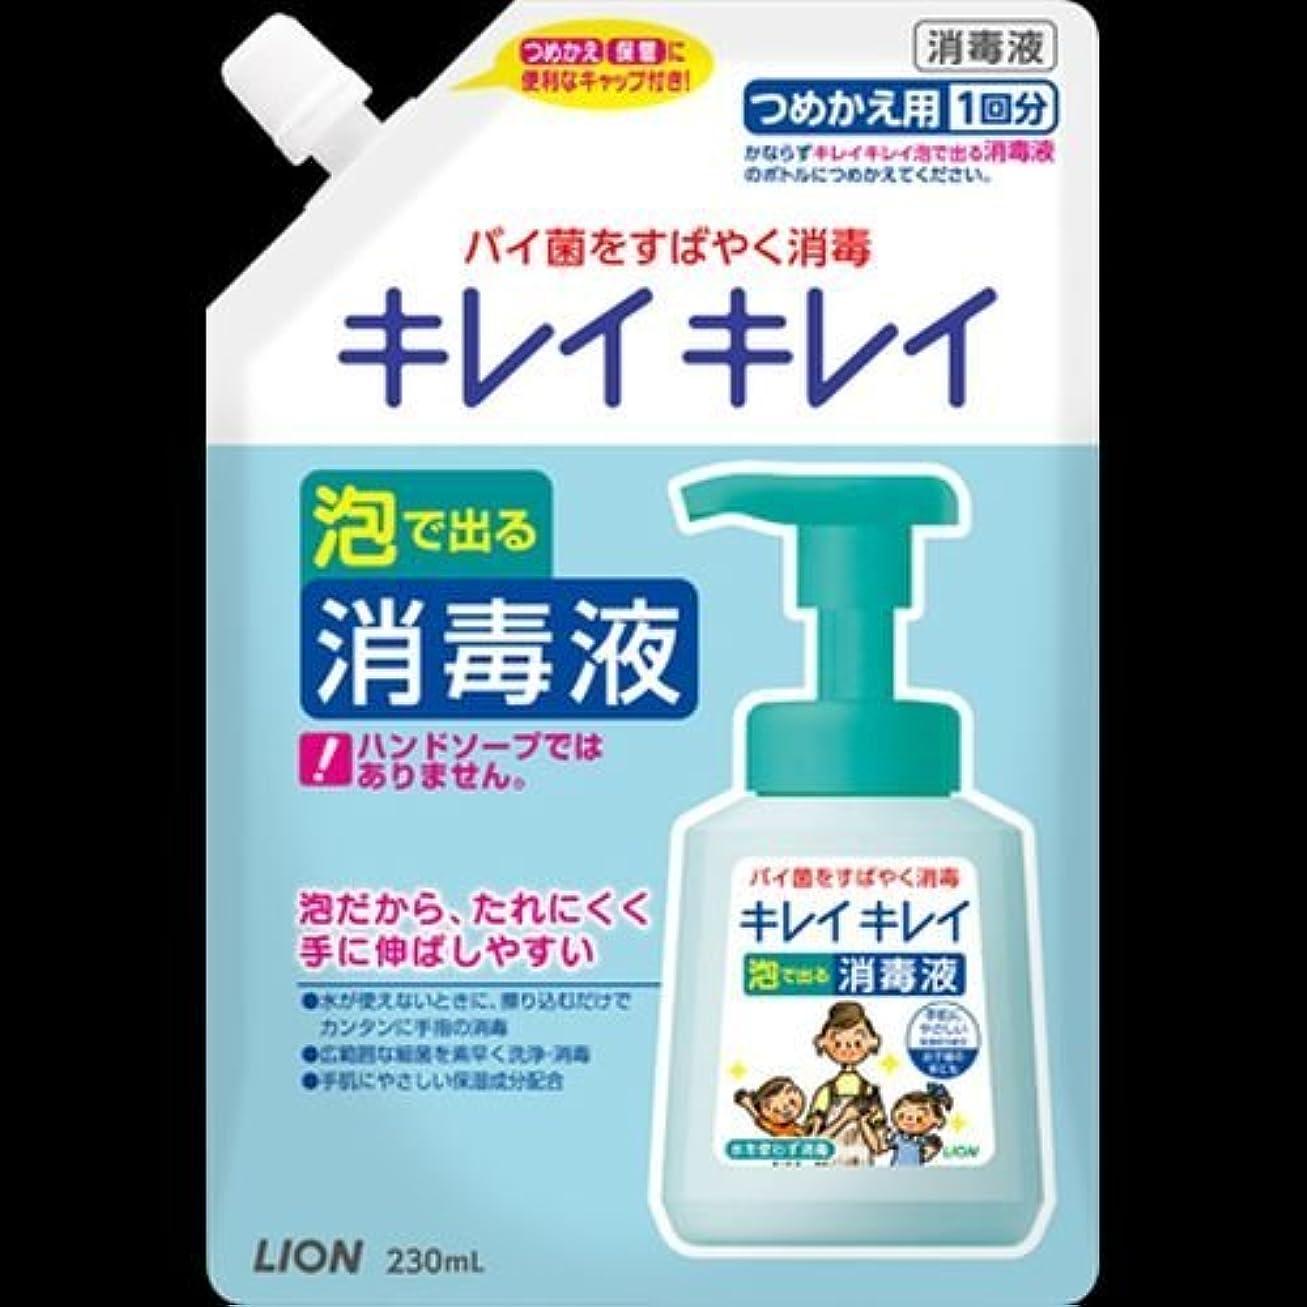 電気の素朴な代わりのキレイキレイ 薬用泡ででる消毒液 つめかえ用 230mL ×2セット